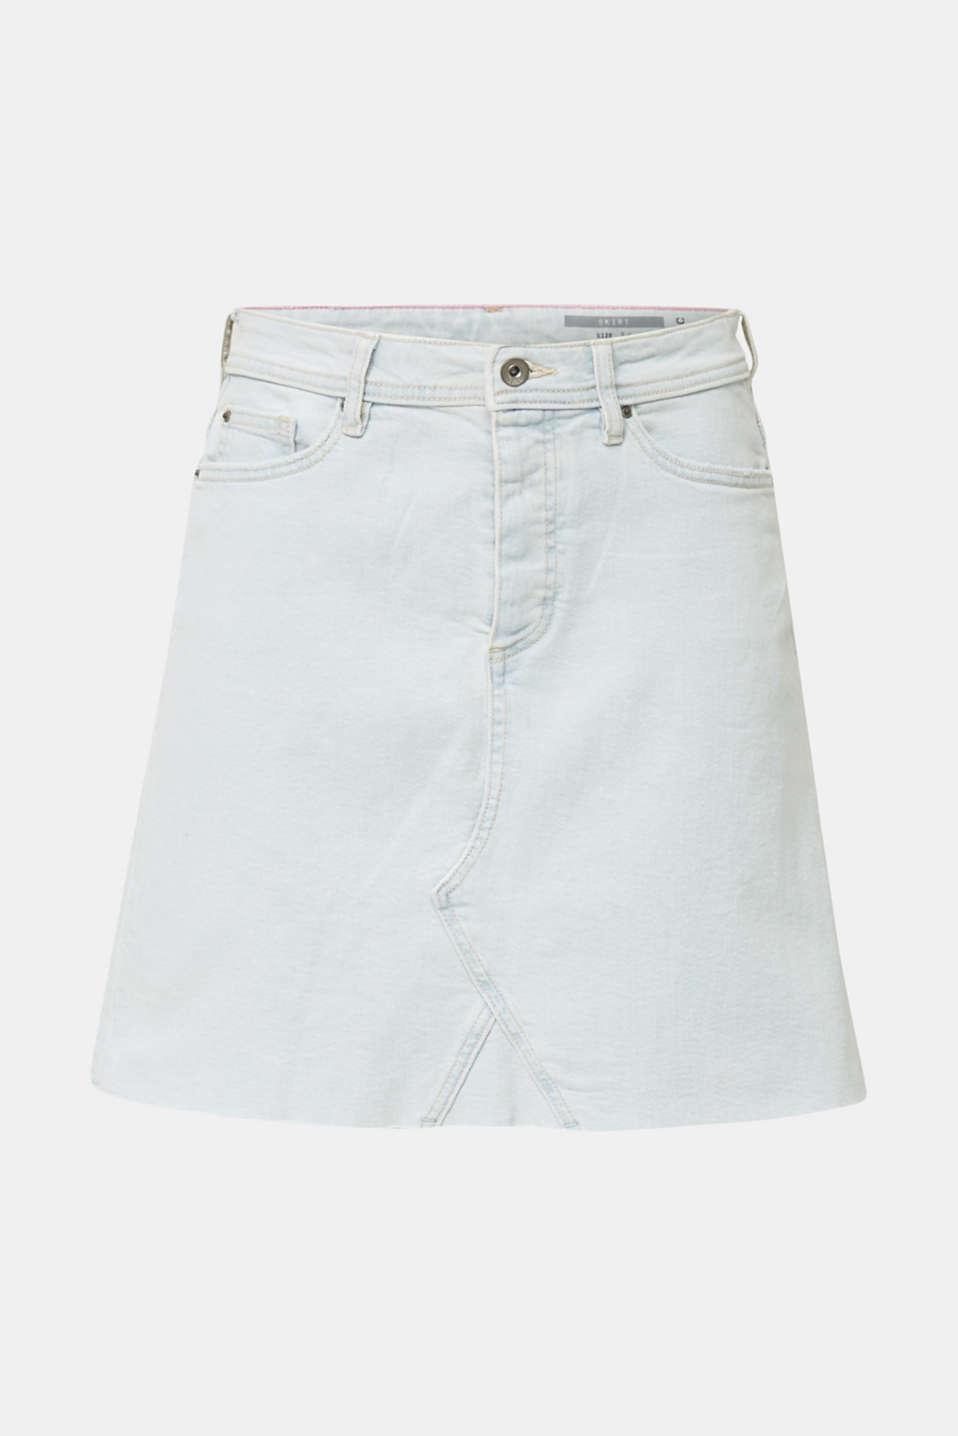 Denim skirt with a frayed hem, BLUE BLEACHED, detail image number 7